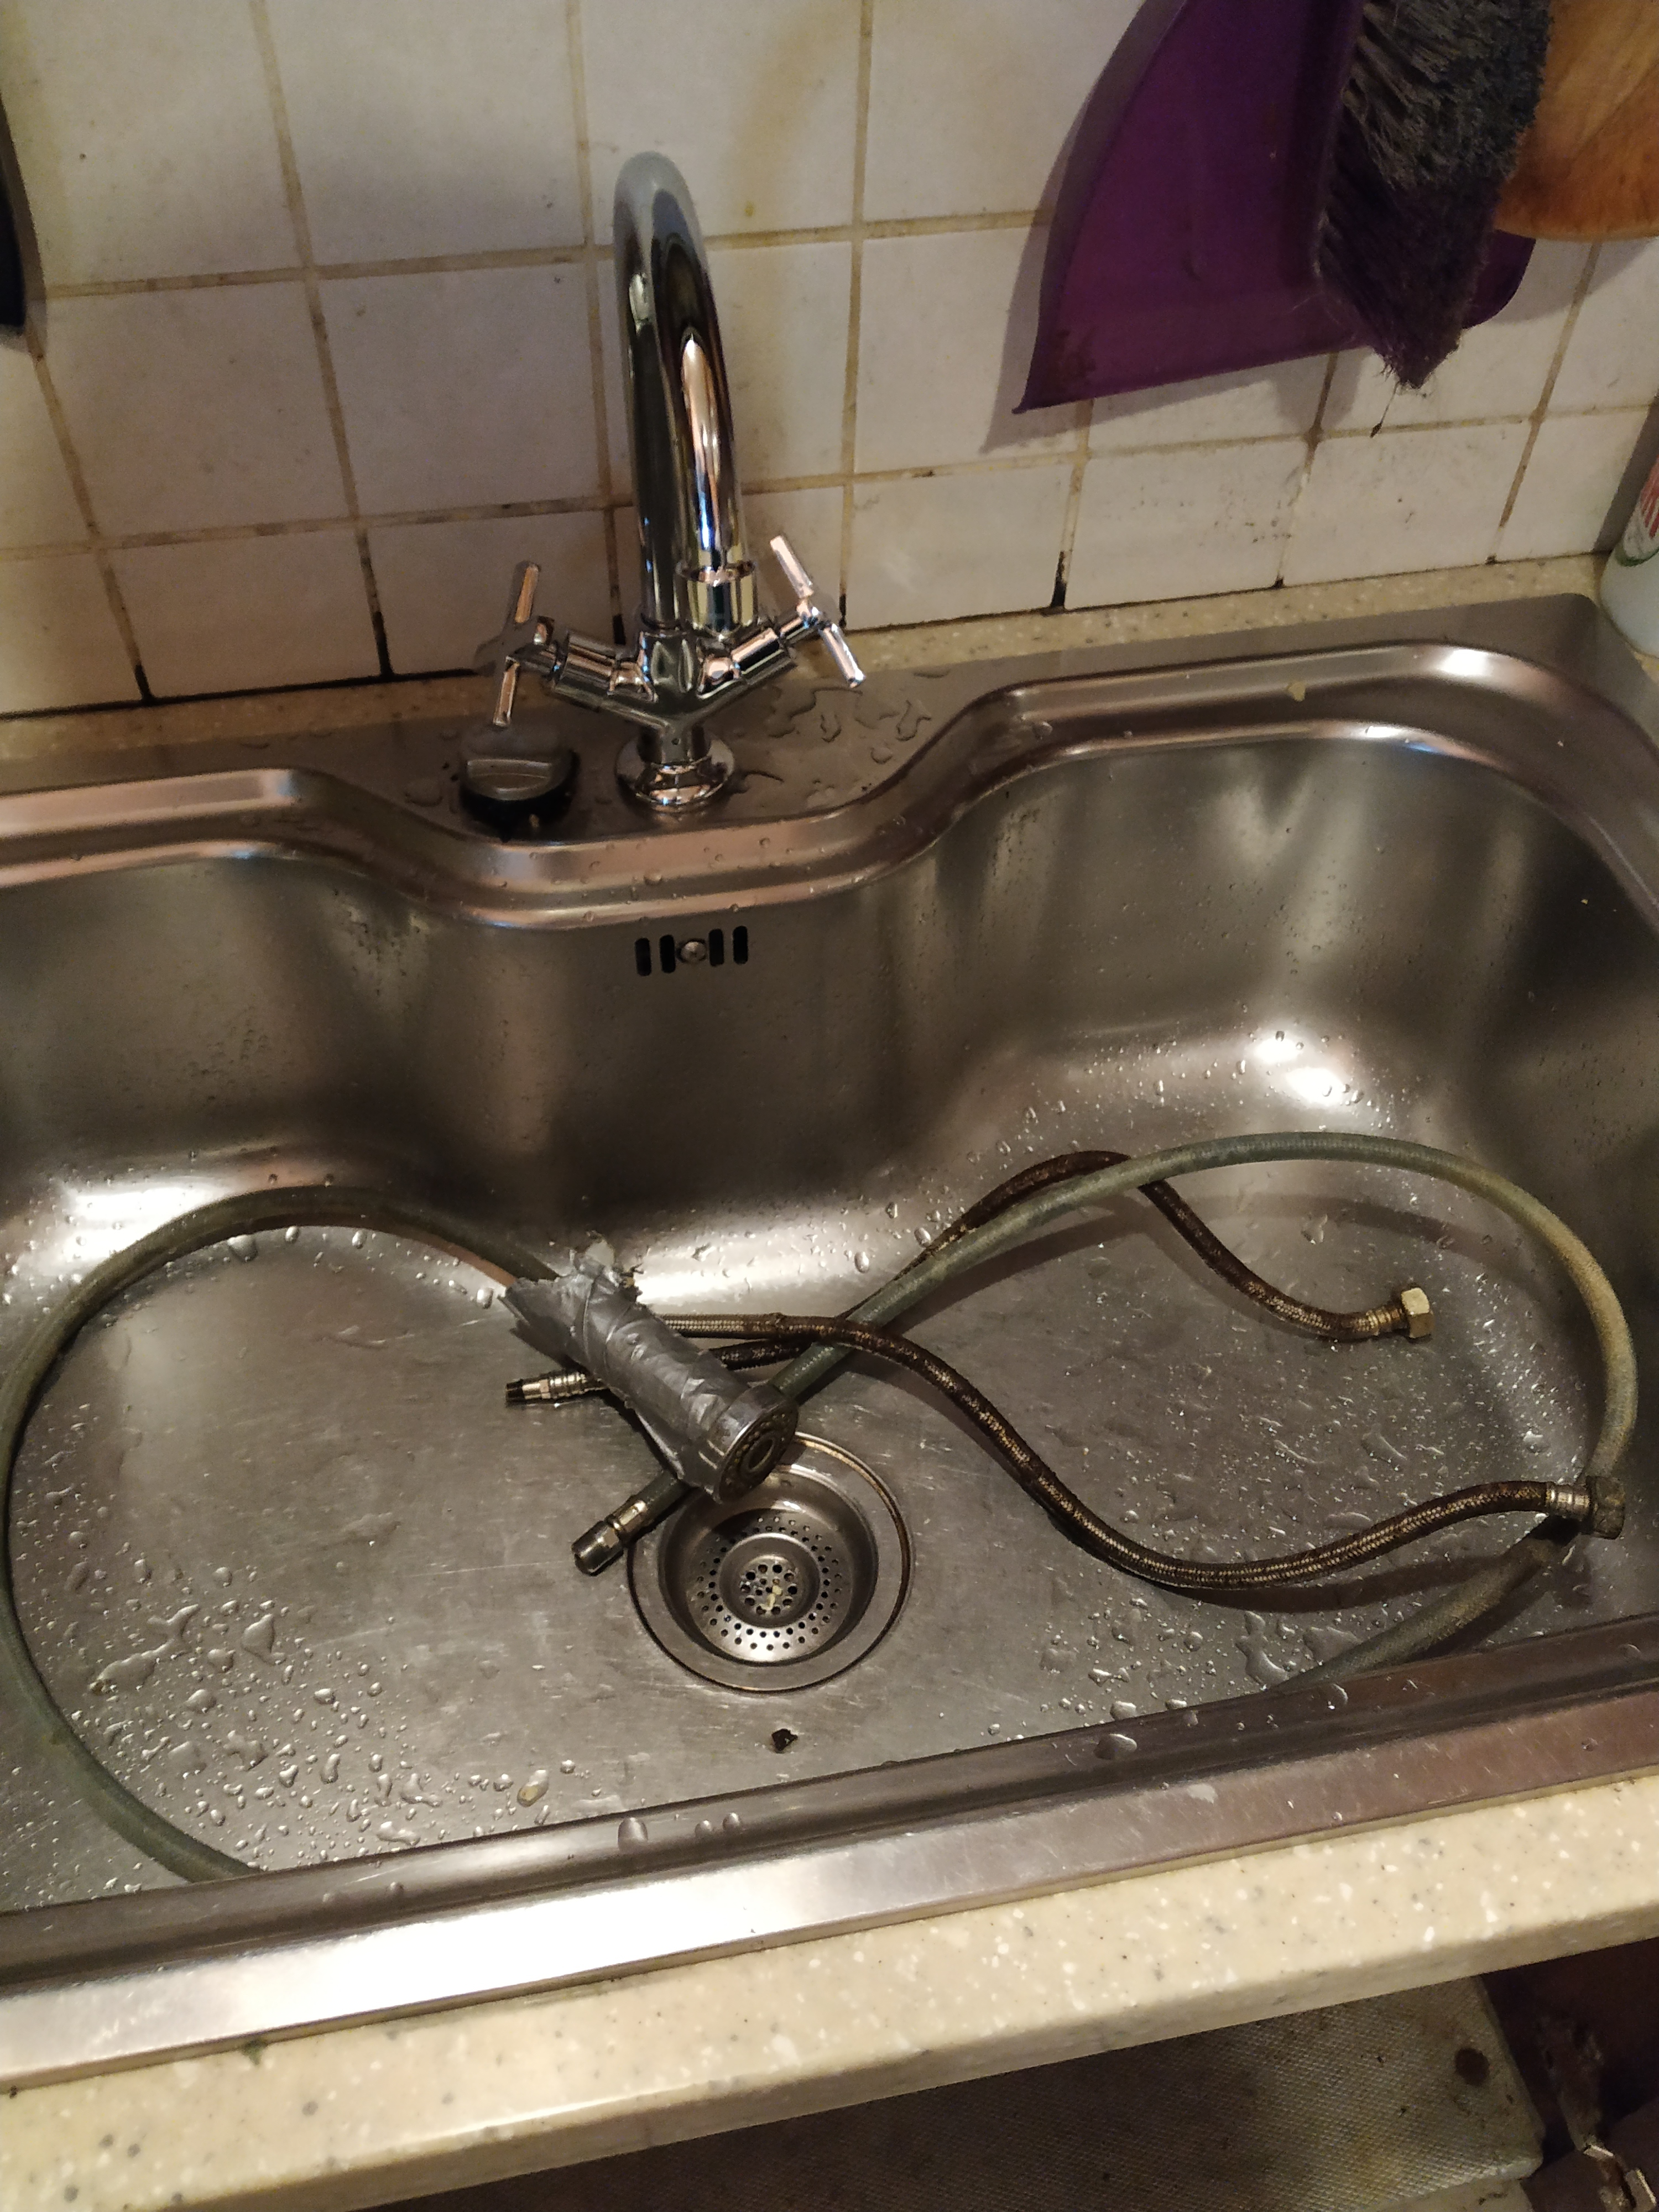 Фото Приехать, демонтировать старый смеситель на кухонной мойке, установить новый, проверить все соединения на подтекания. Заняло 1 час.